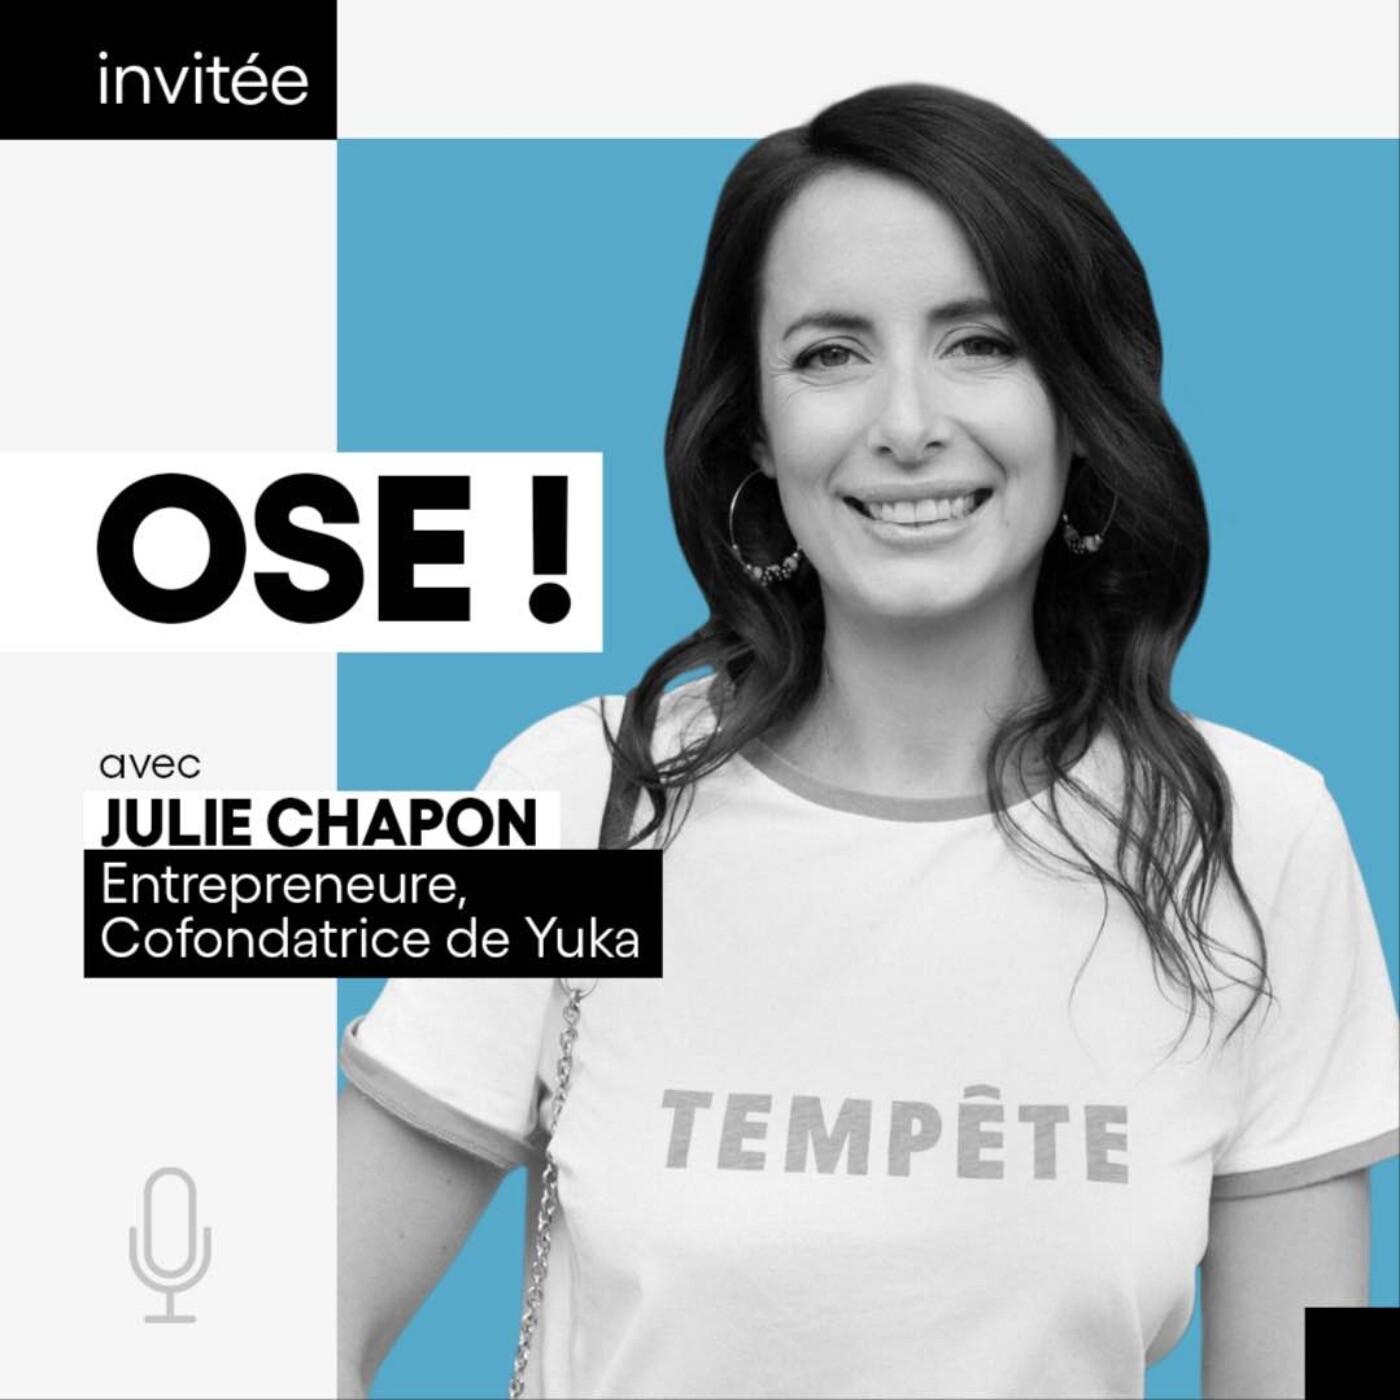 Julie Chapon, Entrepreneure, cofondatrice de Yuka